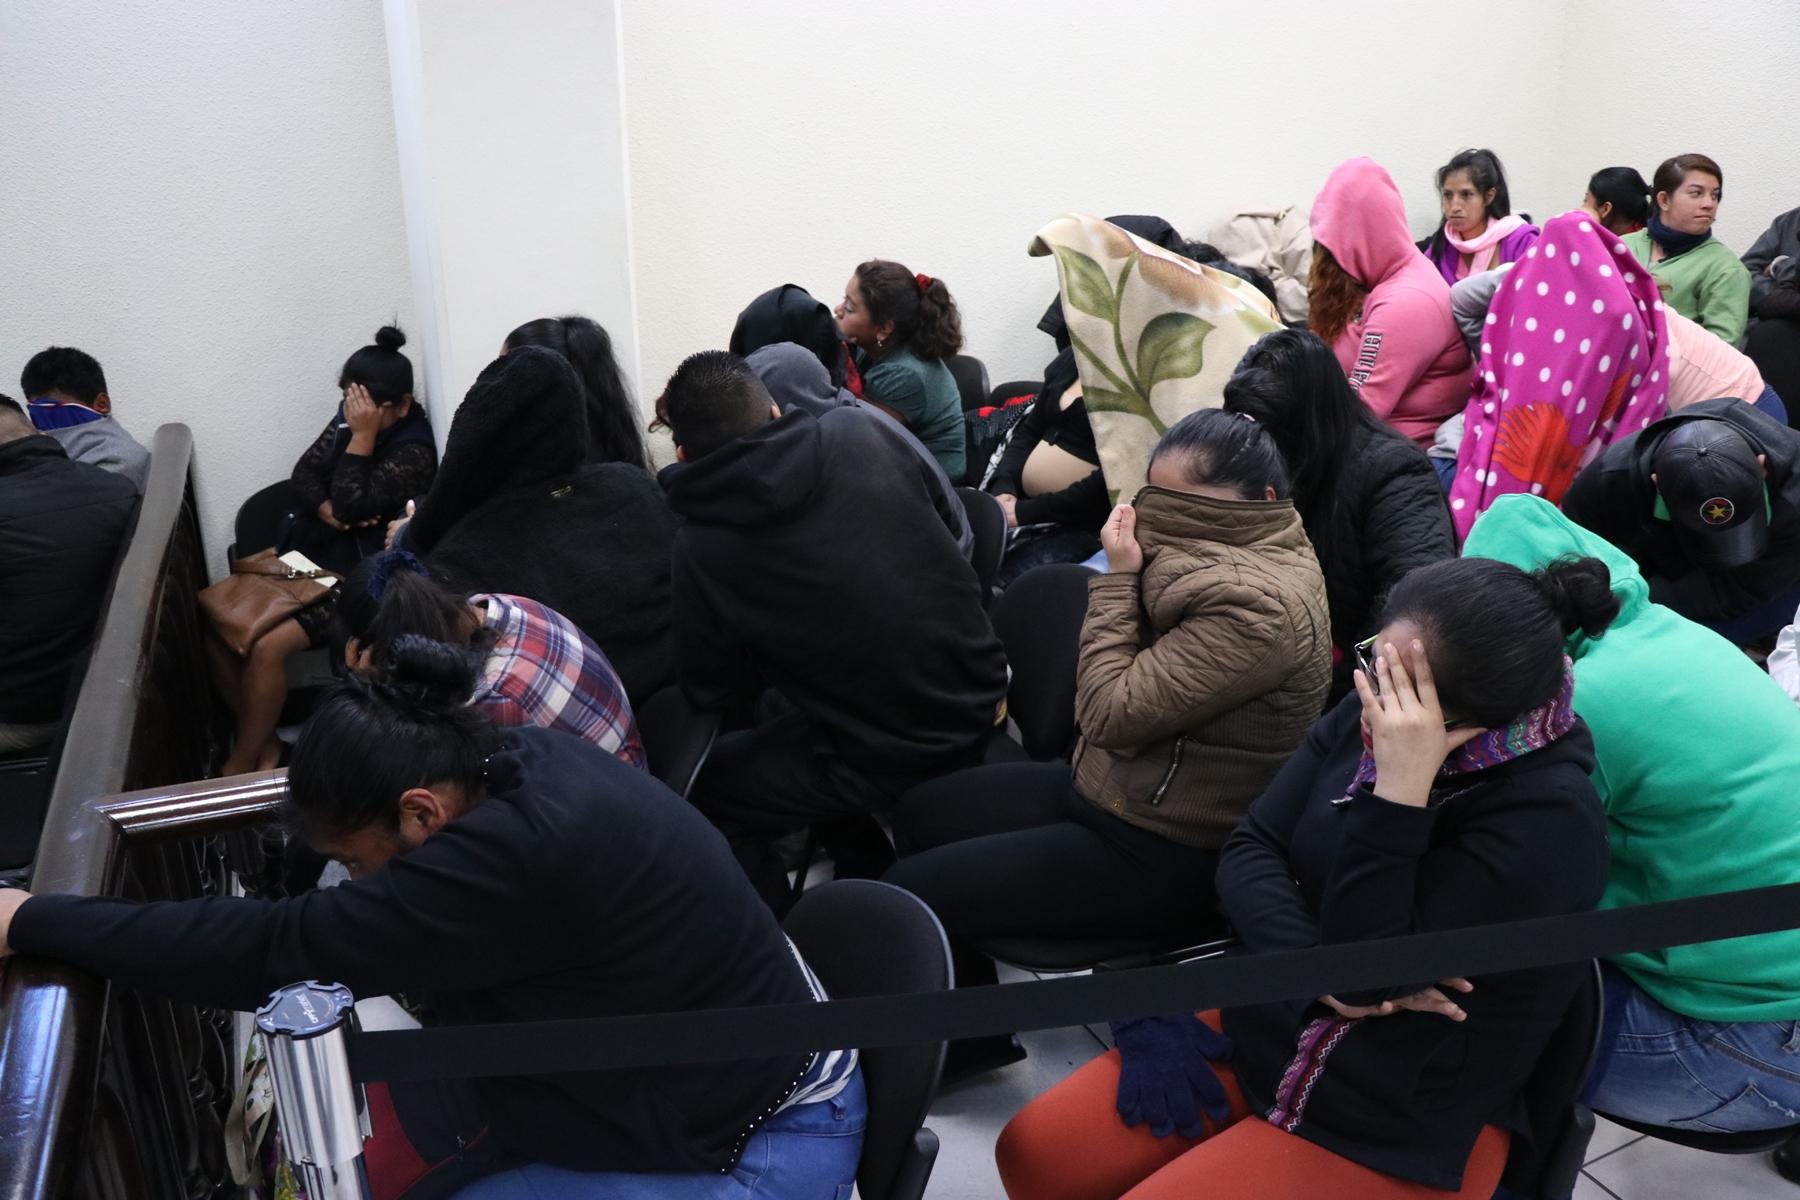 Los sindicados se  cubrieron el rosto con frazadas y sudaderos para evadir las fotografías.  (Foto Prensa Libre: María Longo)